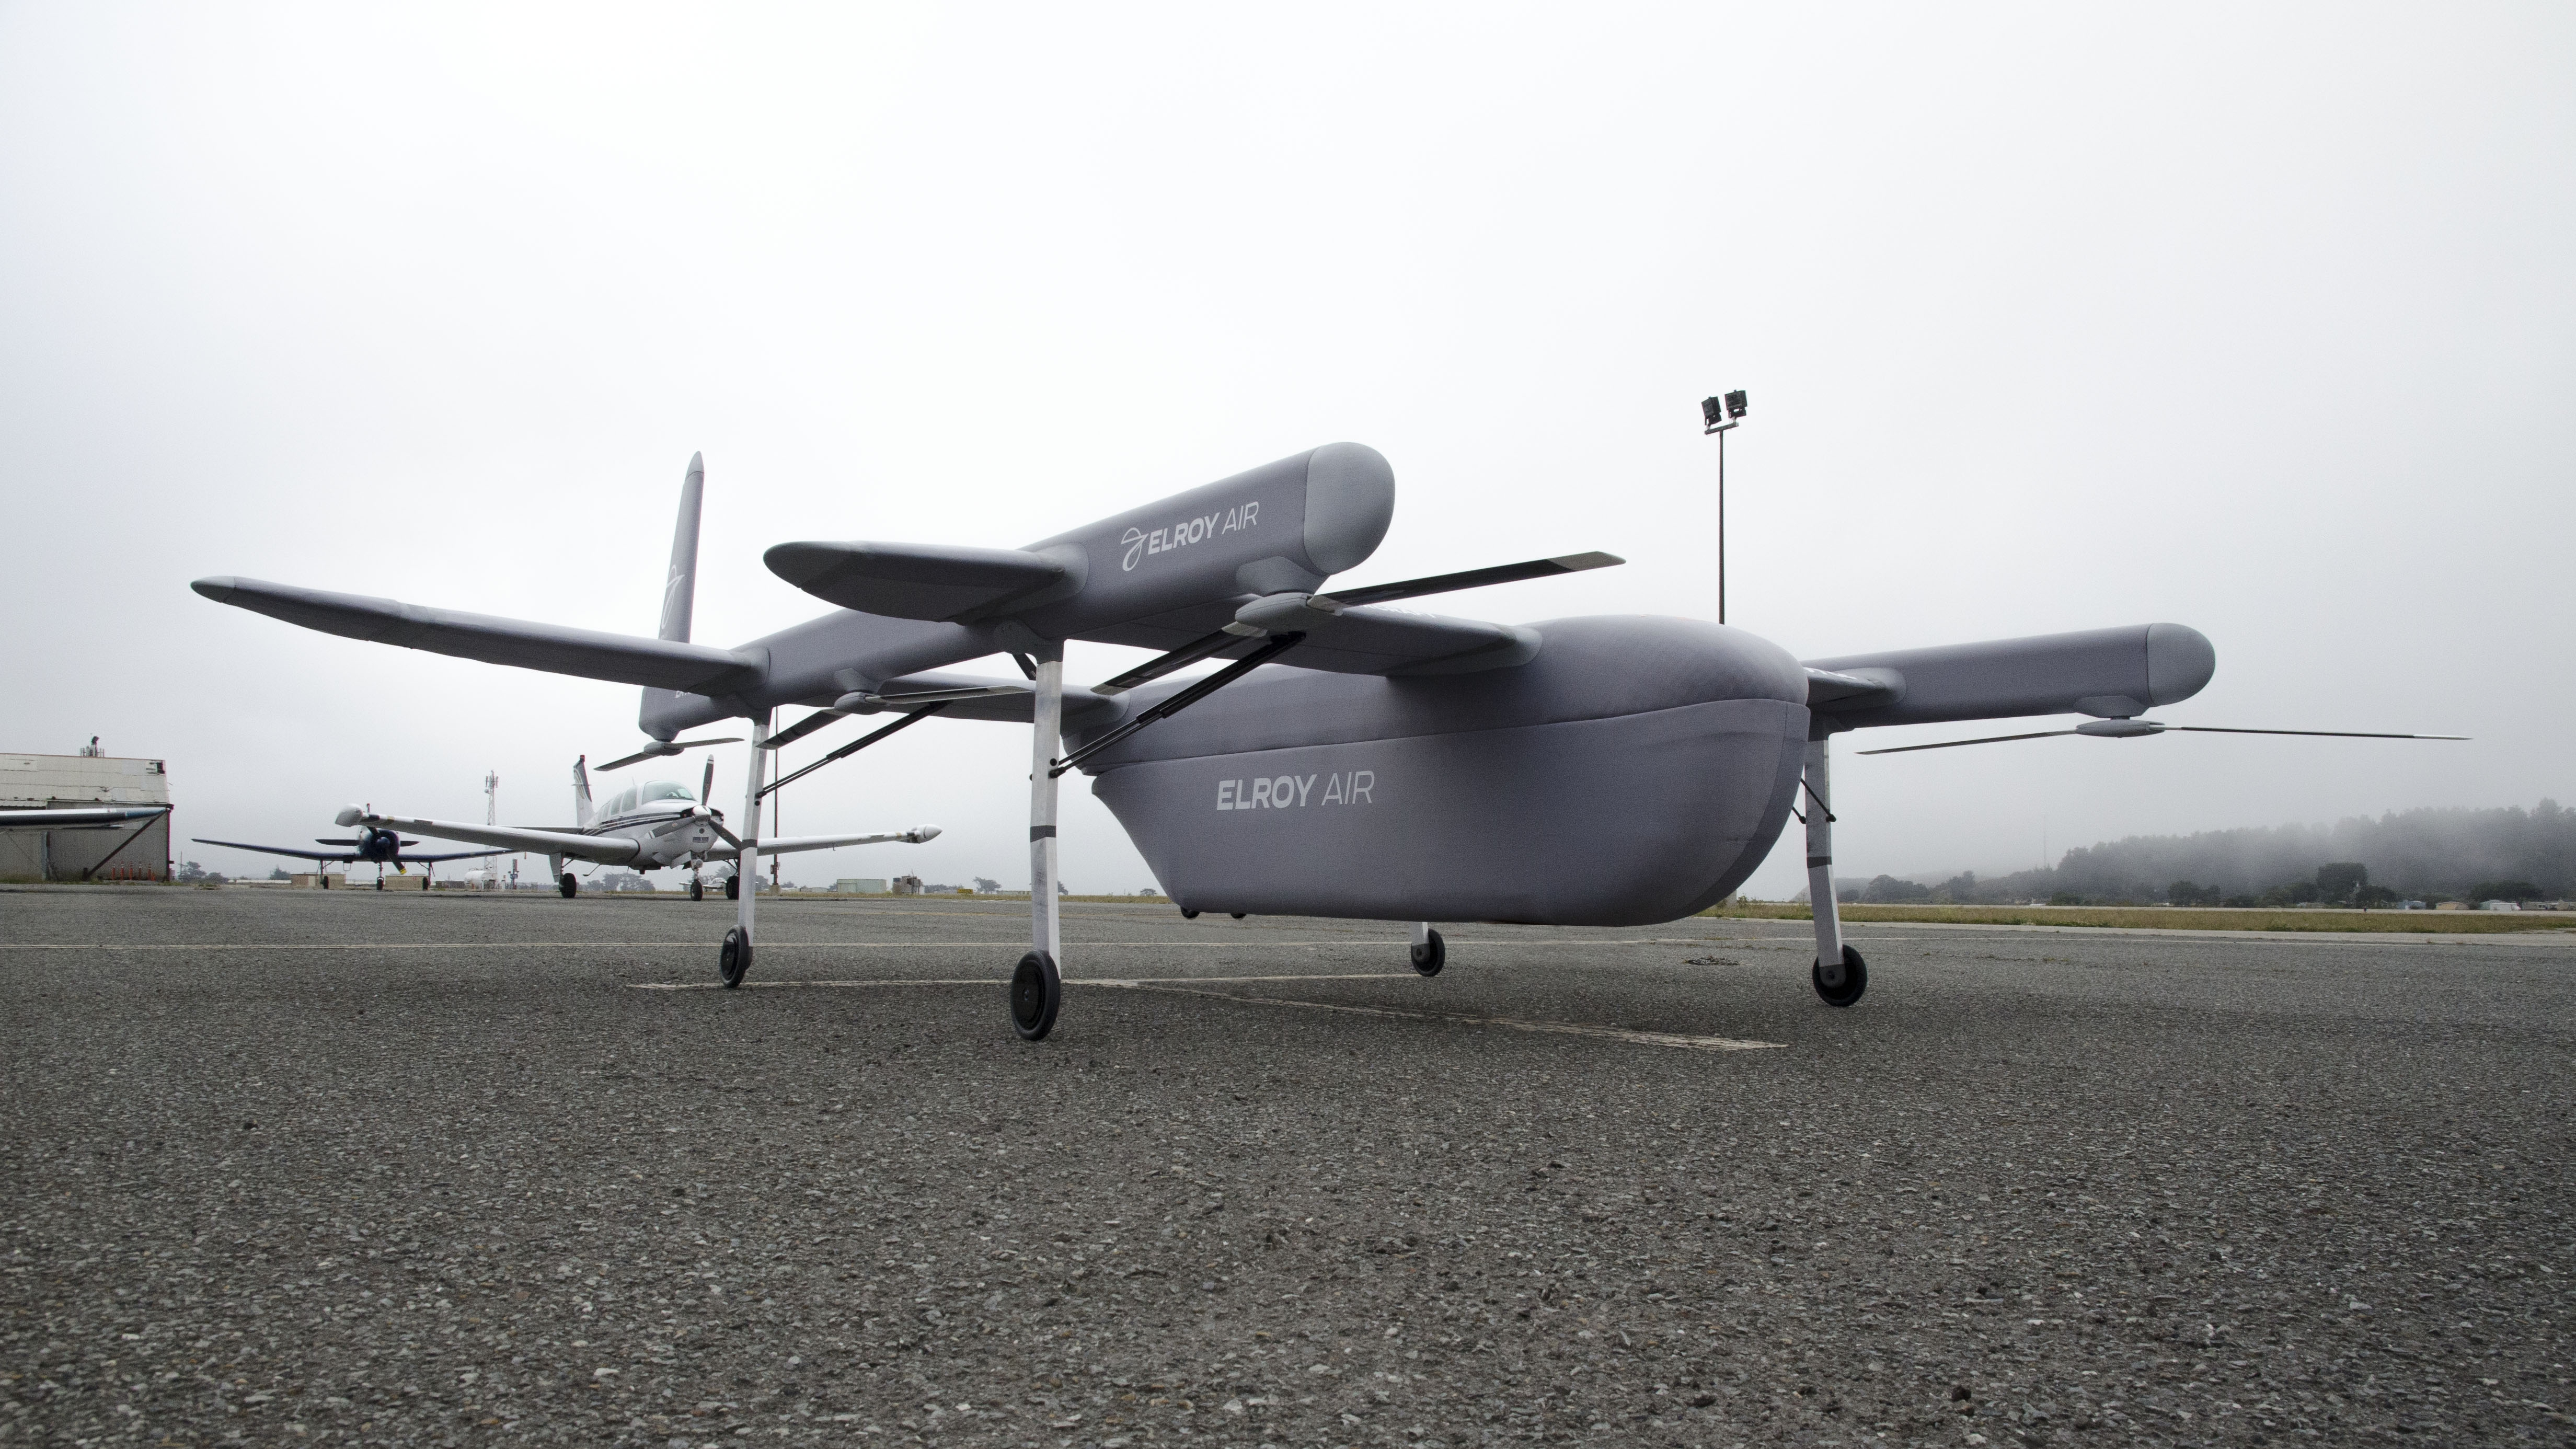 avis drone parrot ar 2.0 elite edition snow